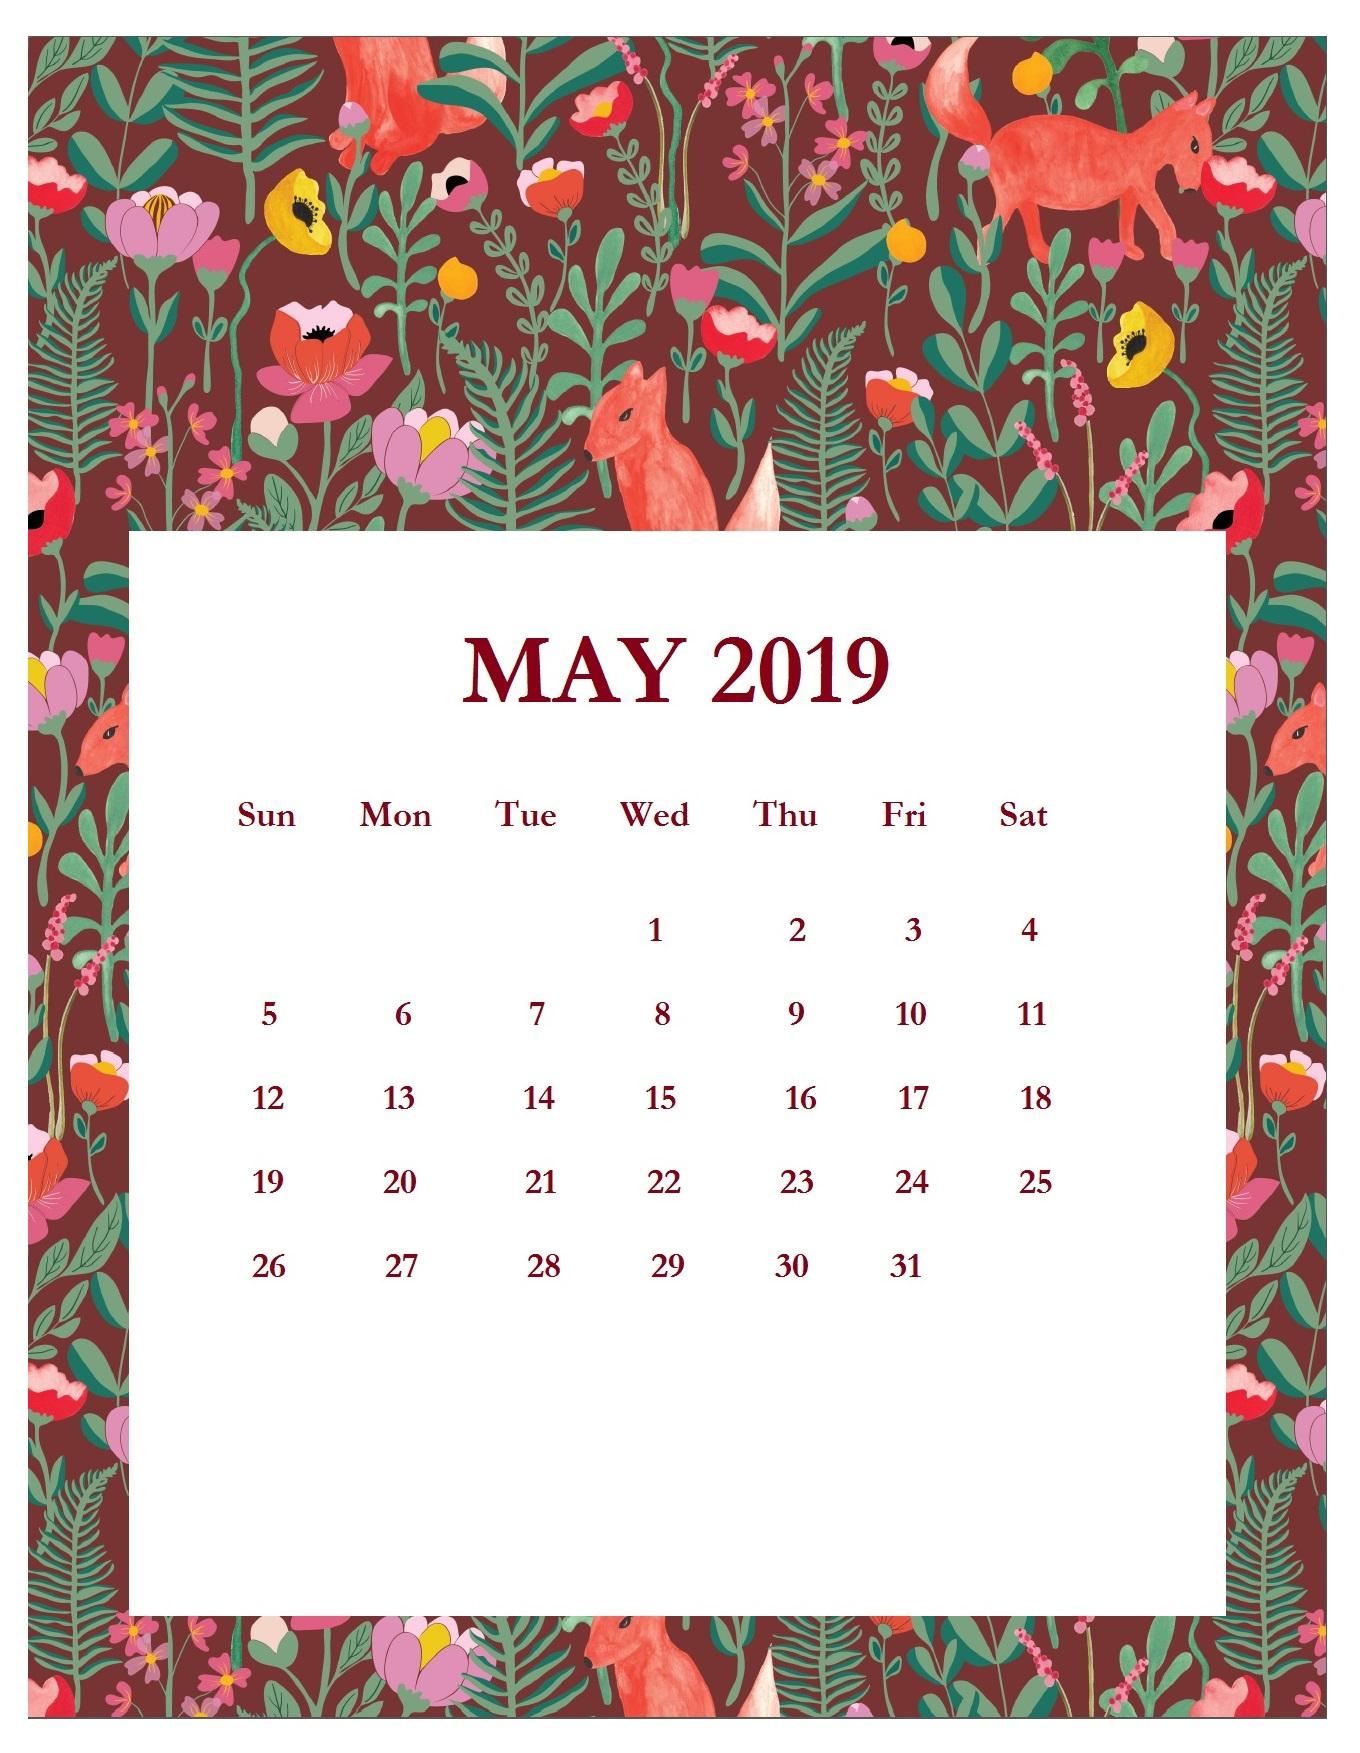 Print Beautiful May 2019 Calendar Template